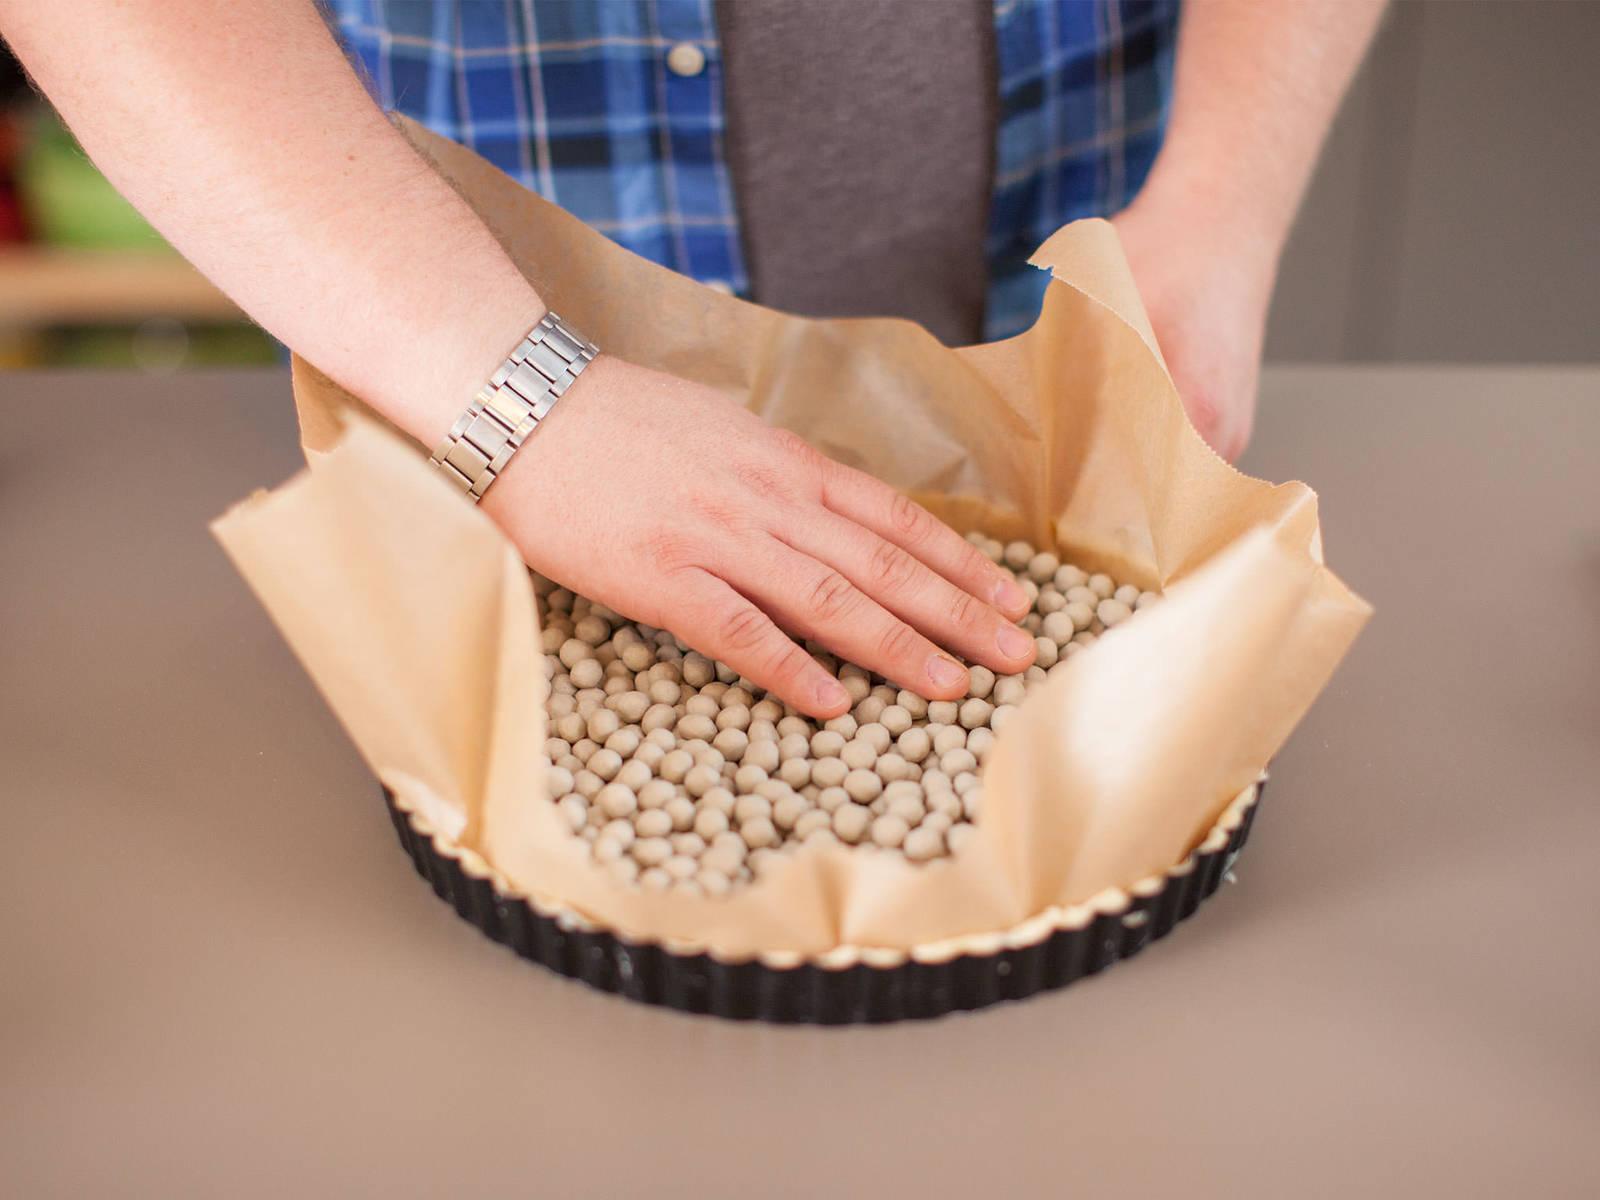 将烘焙纸放在面盘上方,中间装入镇石或干豆。放入已预热的烤箱中,以 180°C/350°F 的温度盲烤 15 – 20 分钟,直至边缘呈金黄色。